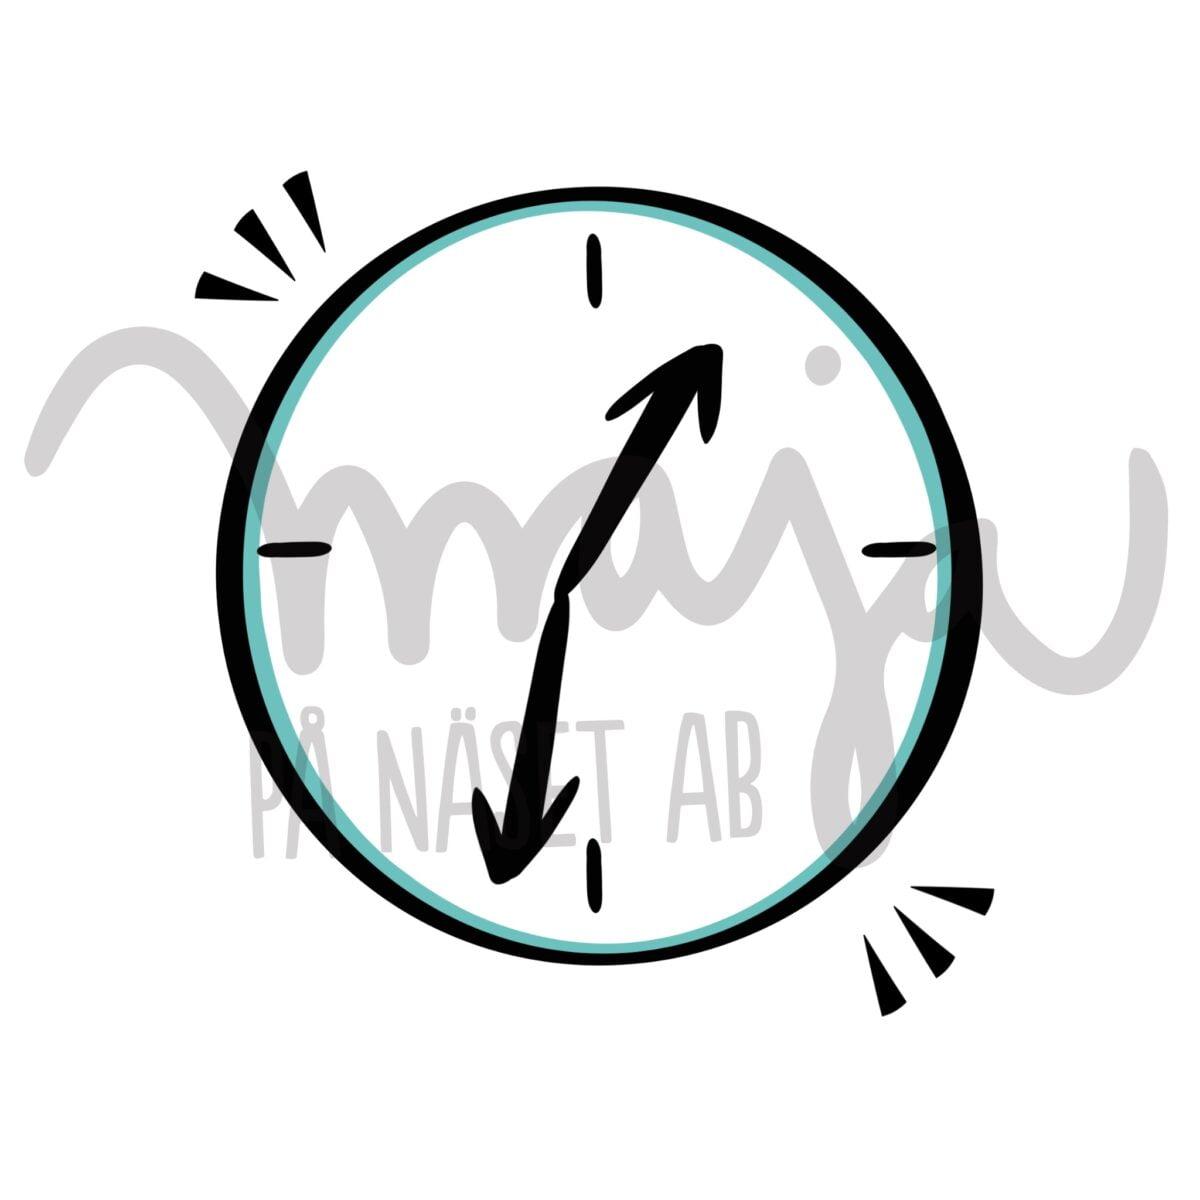 butiksbild-Symbol-illustration-klocka